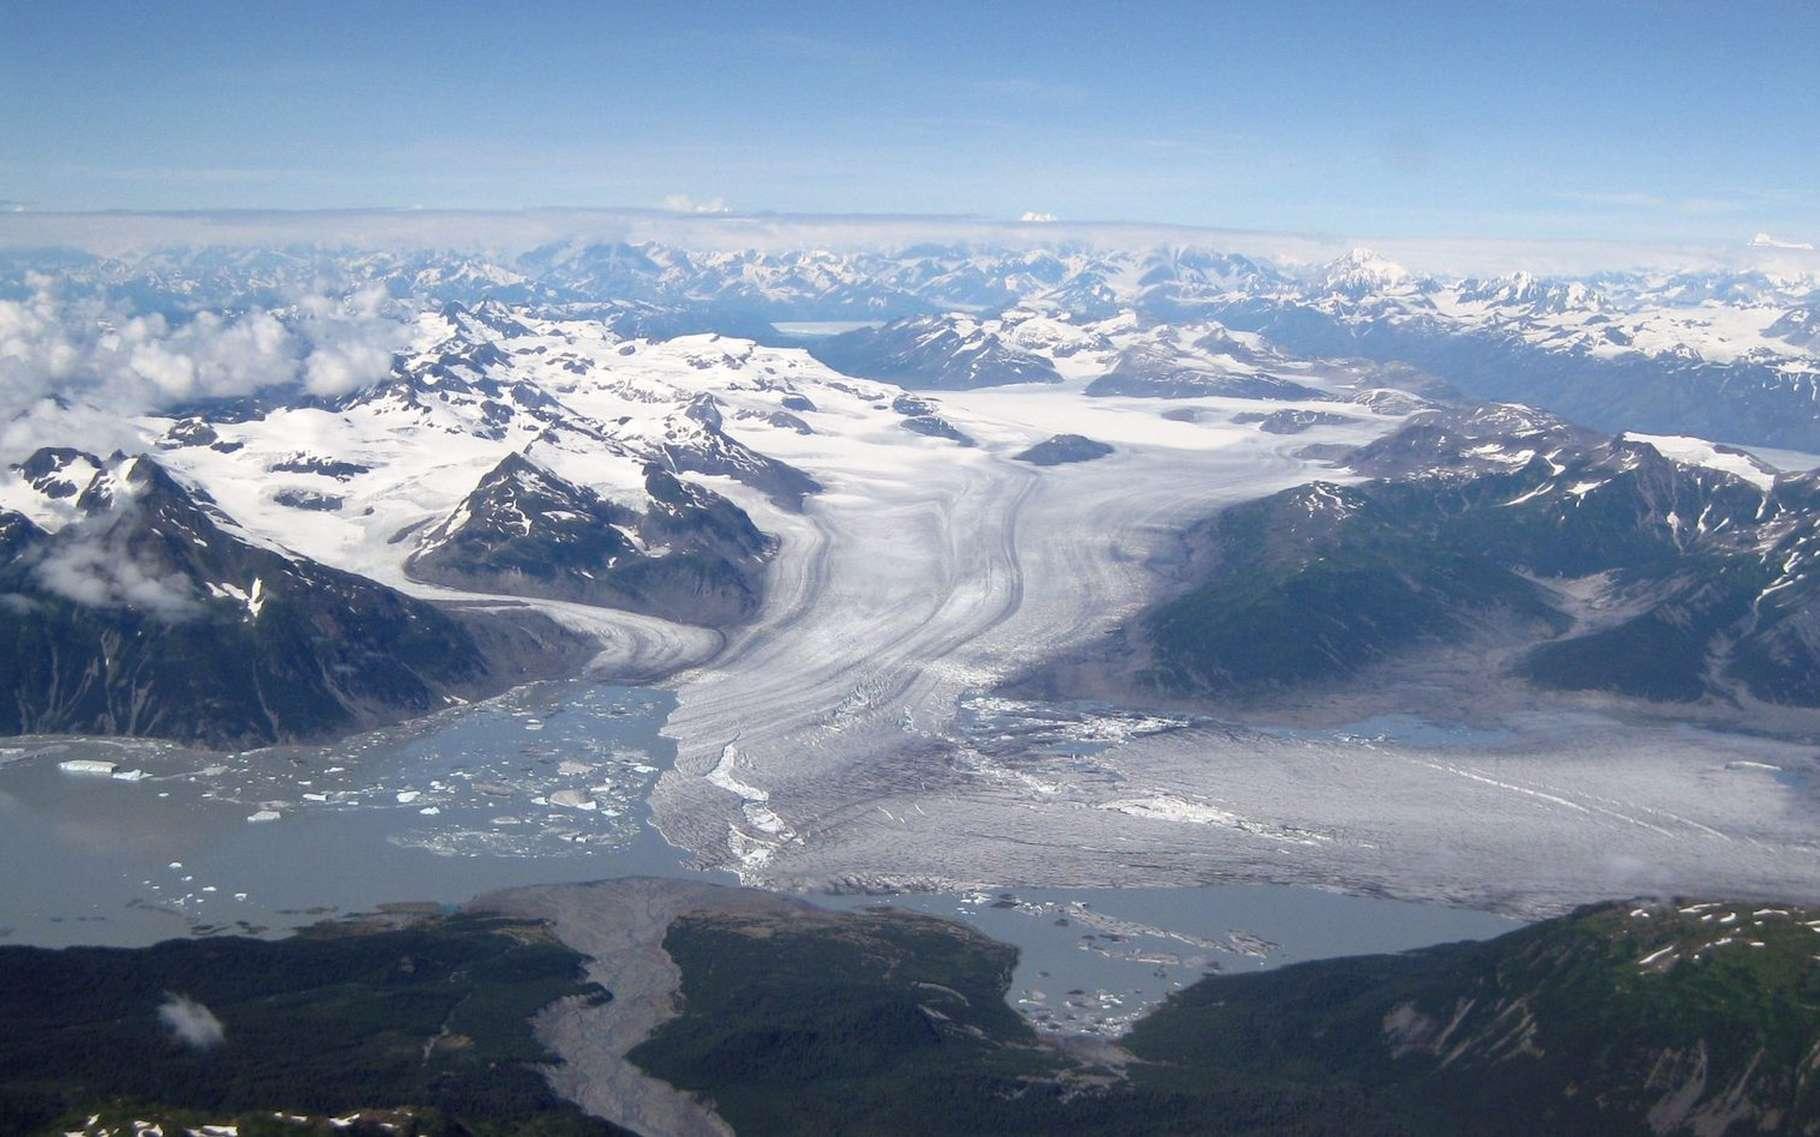 En Alaska, les glaciers comme celui du Yakutat, dans le sud-est de l'État, fondent depuis la fin de la petite période glaciaire. Les chercheurs de l'université de l'Alaska à Fairbanks (États-Unis) ont trouvé un lien avec les tremblements de terre qui surviennent dans la région. © Sam Herreid, Université de l'Alaska